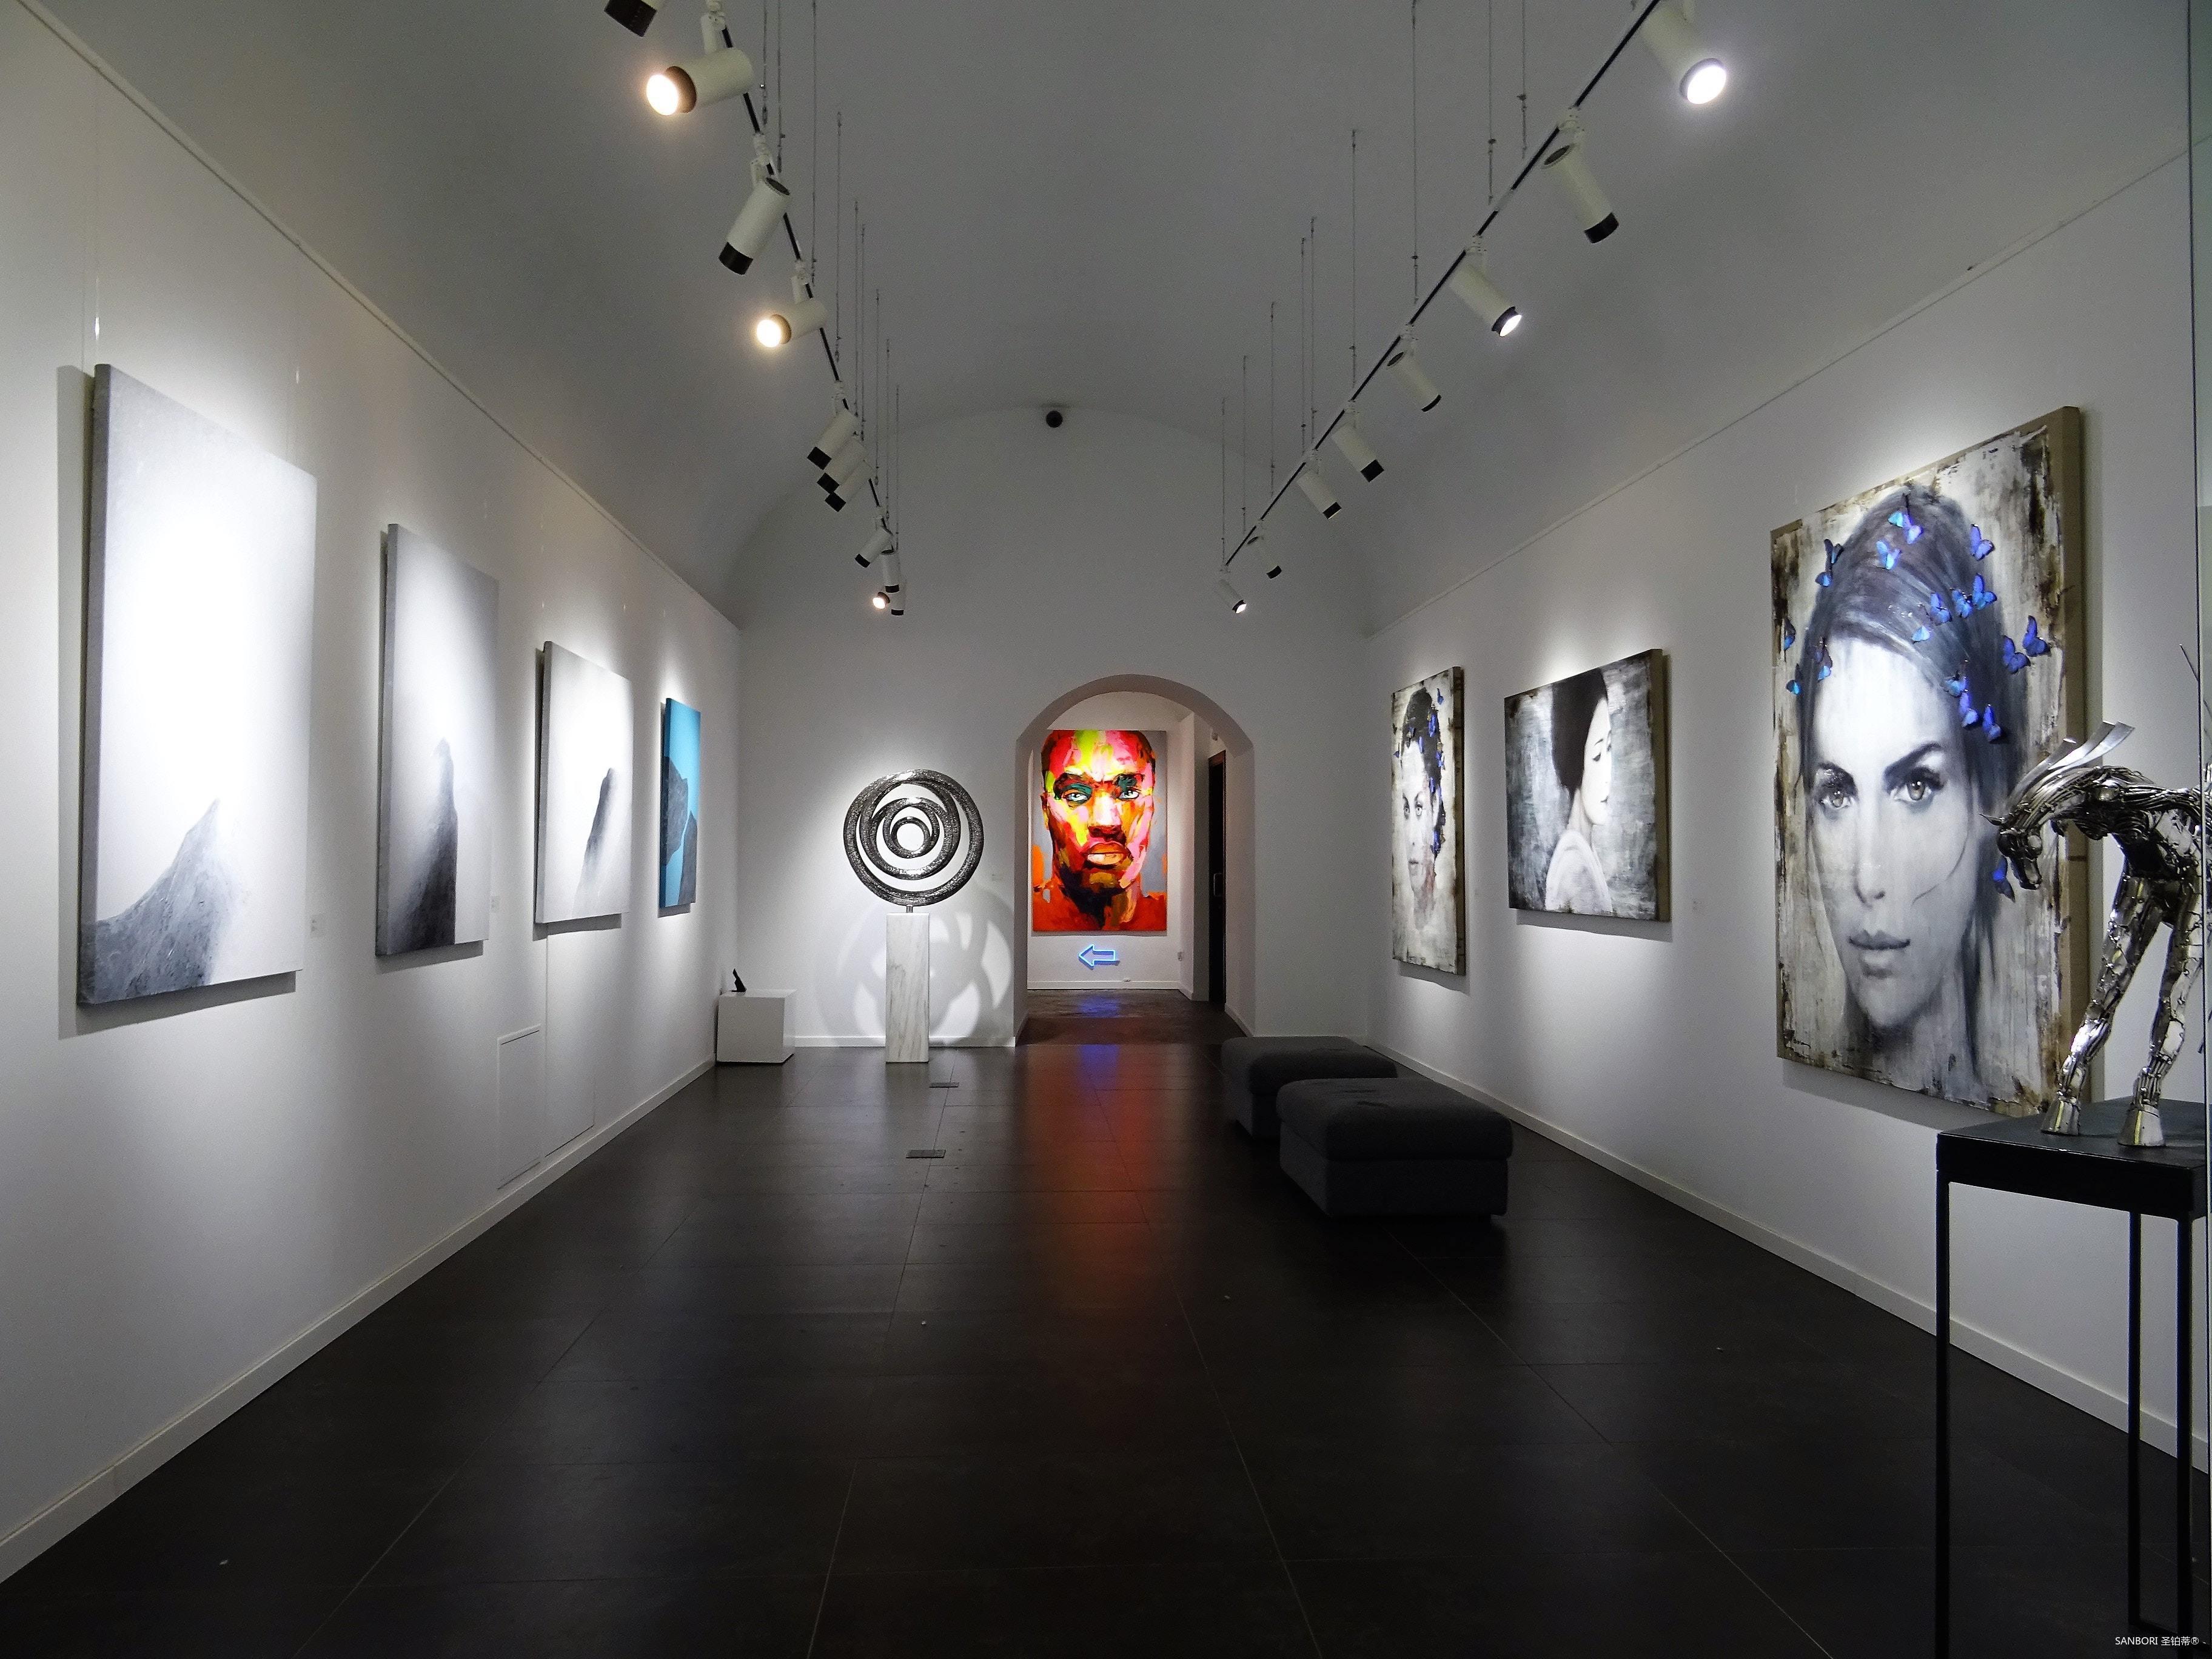 art-exhibit-1604991.jpg